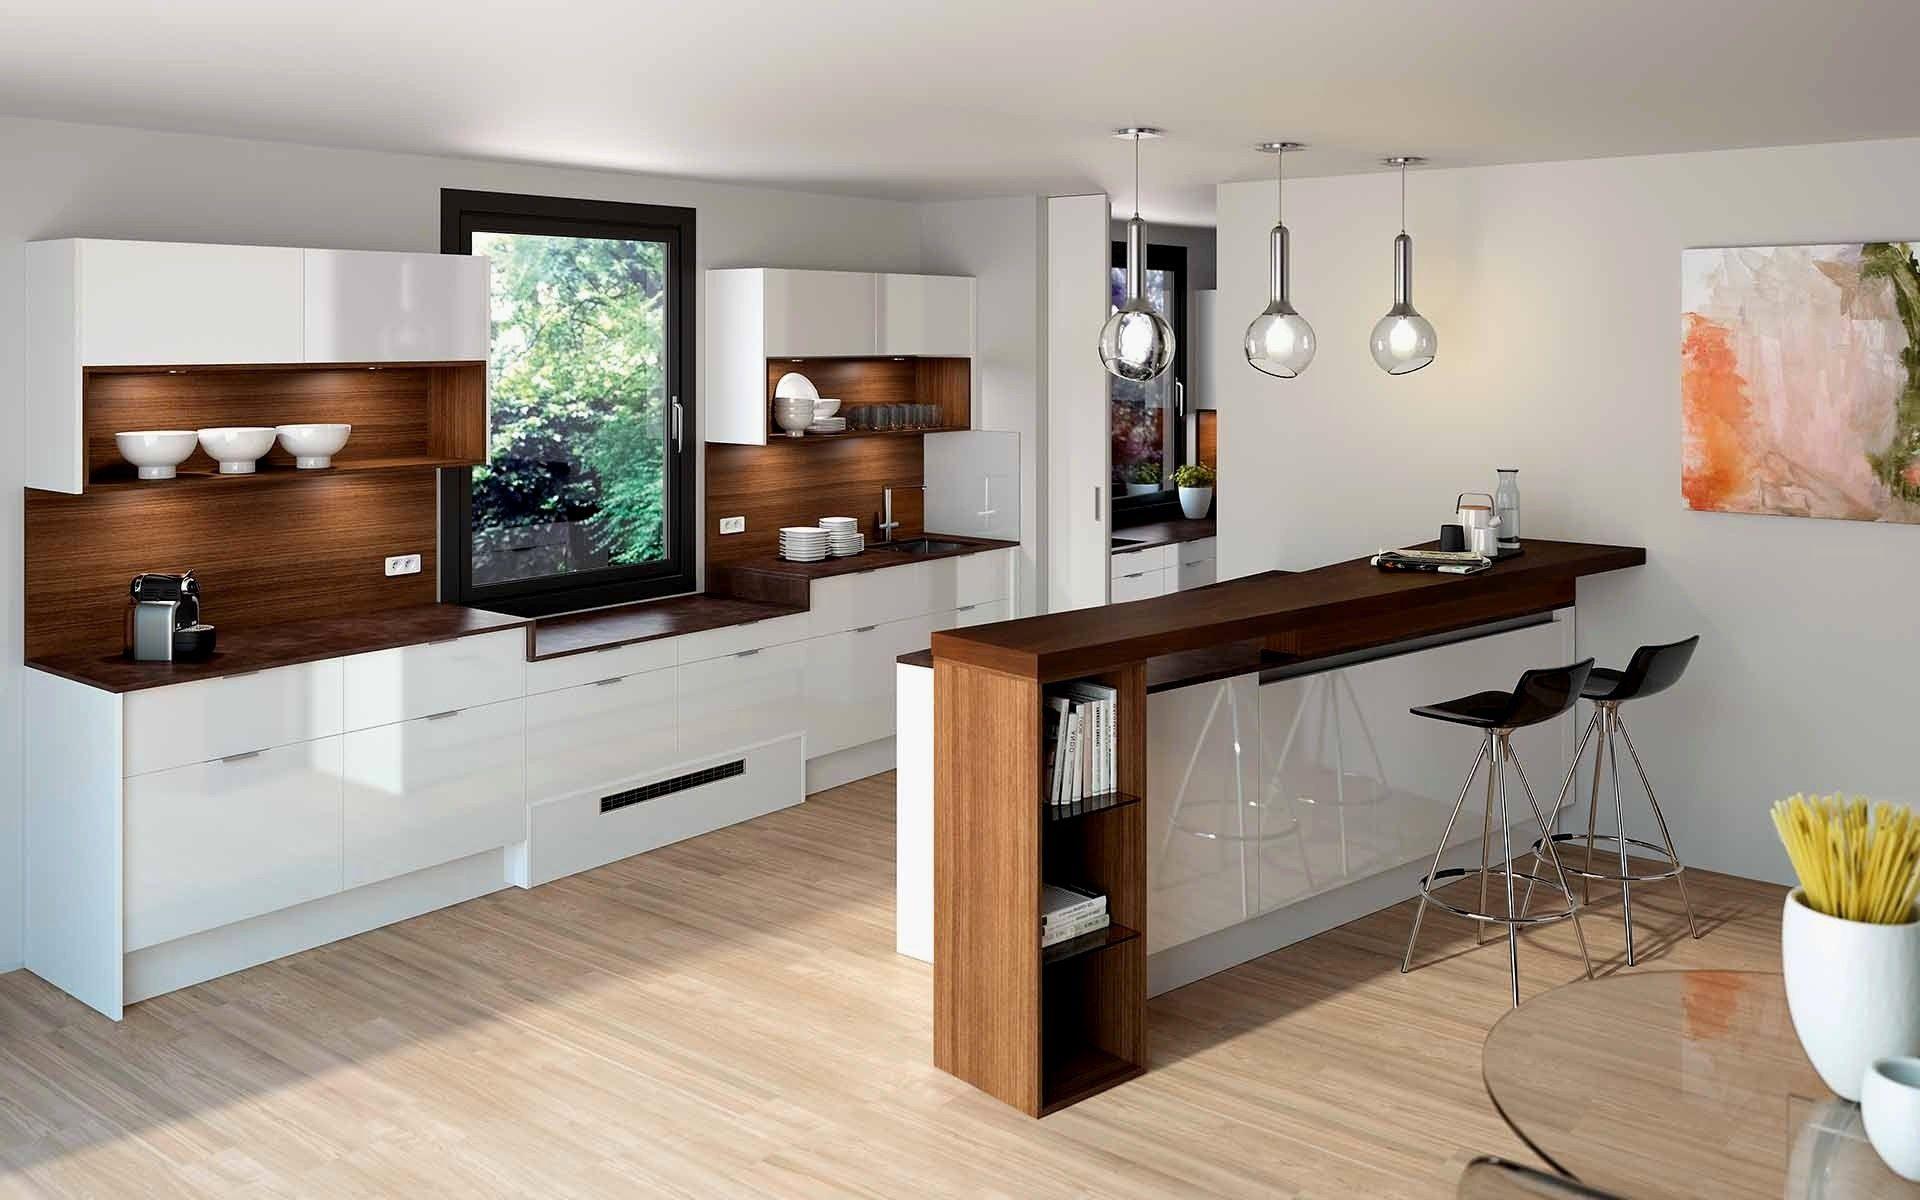 selber machen küche Haus küchen, Kleine küche und Küche